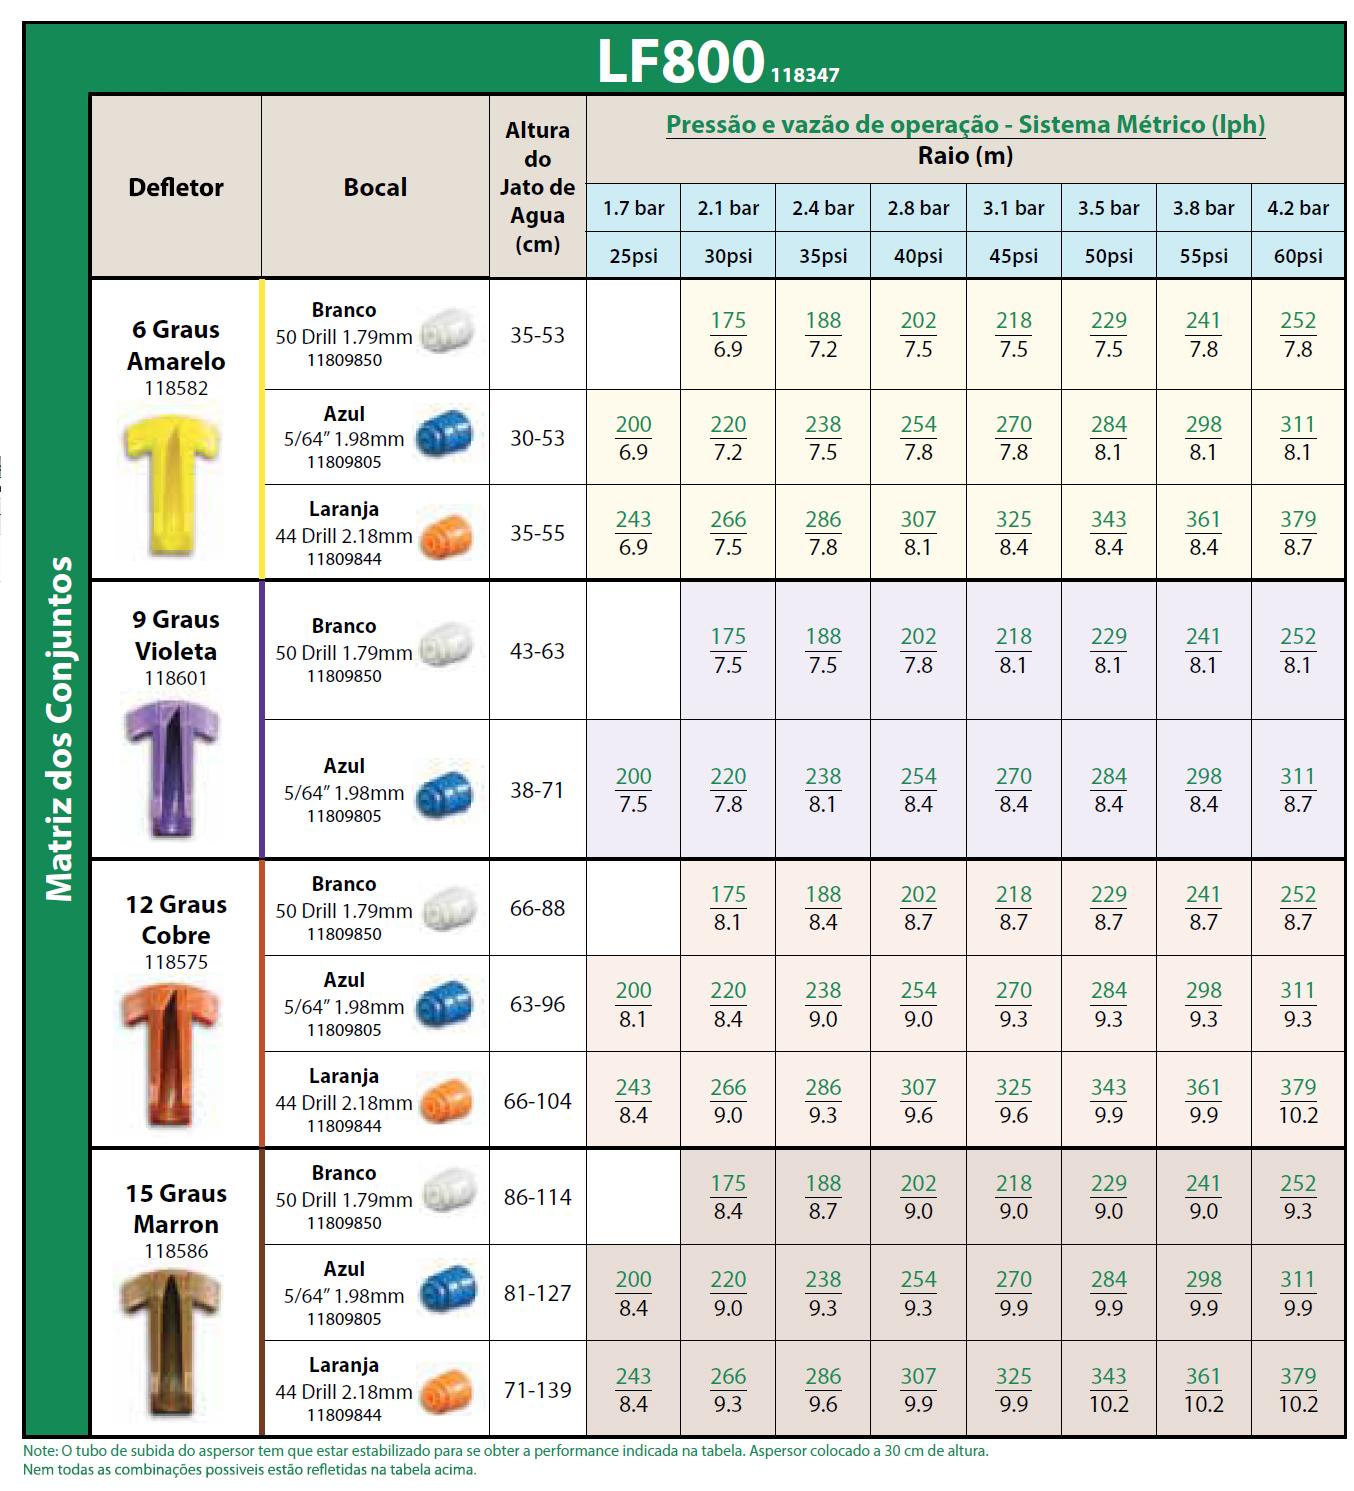 Tabela de pressão e vazão de operação - Sistema Métrico (Iph) - LF800 118347